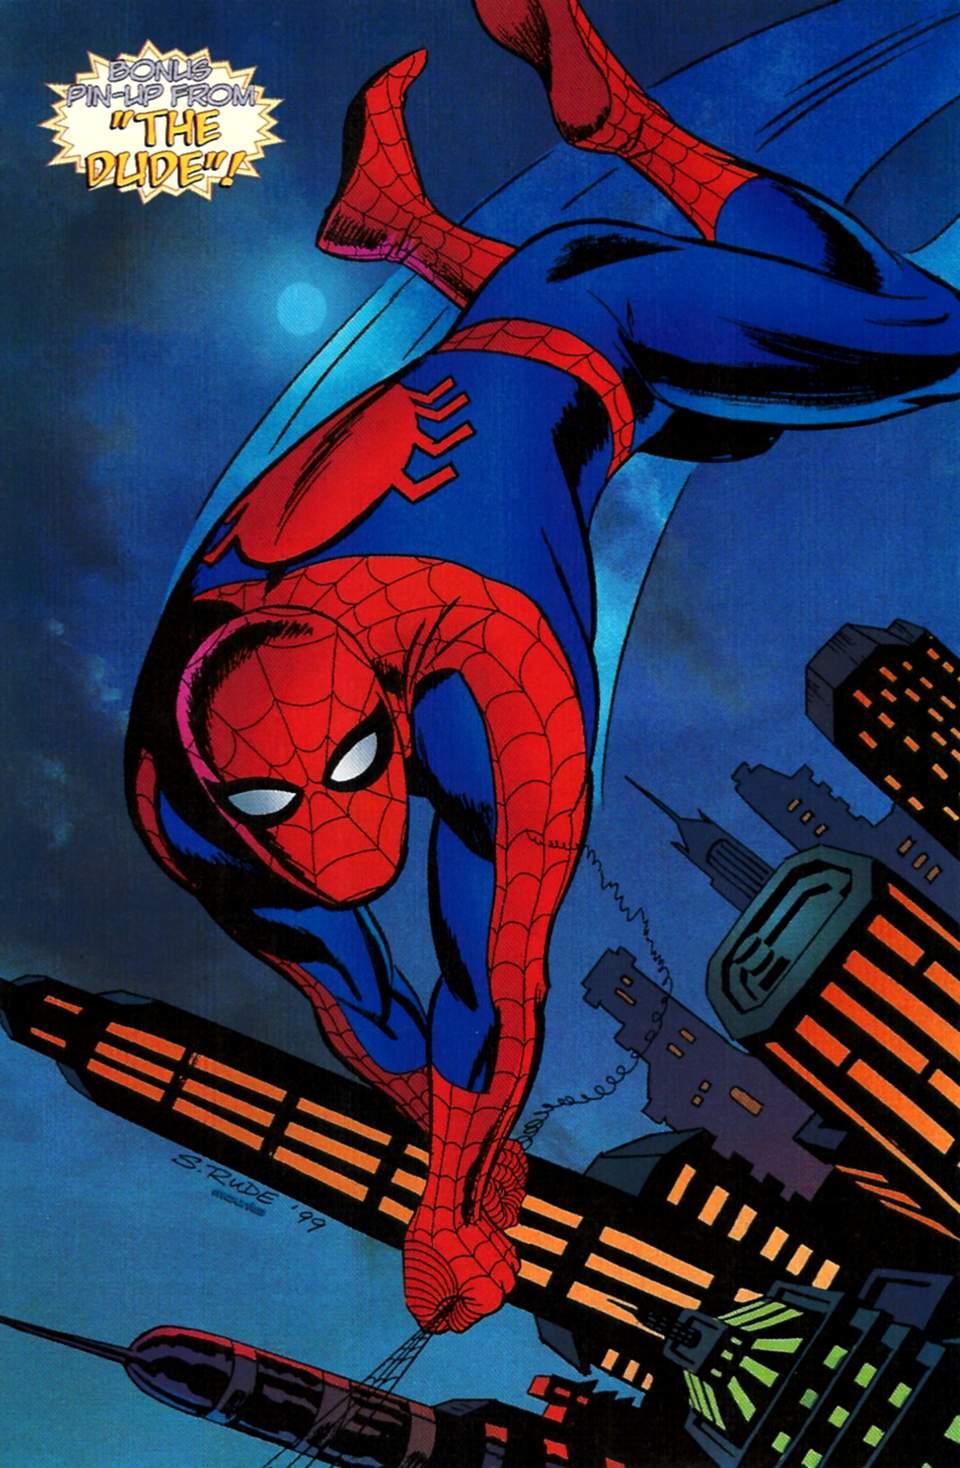 Read online Spider-Man: Lifeline comic -  Issue #2 - 24